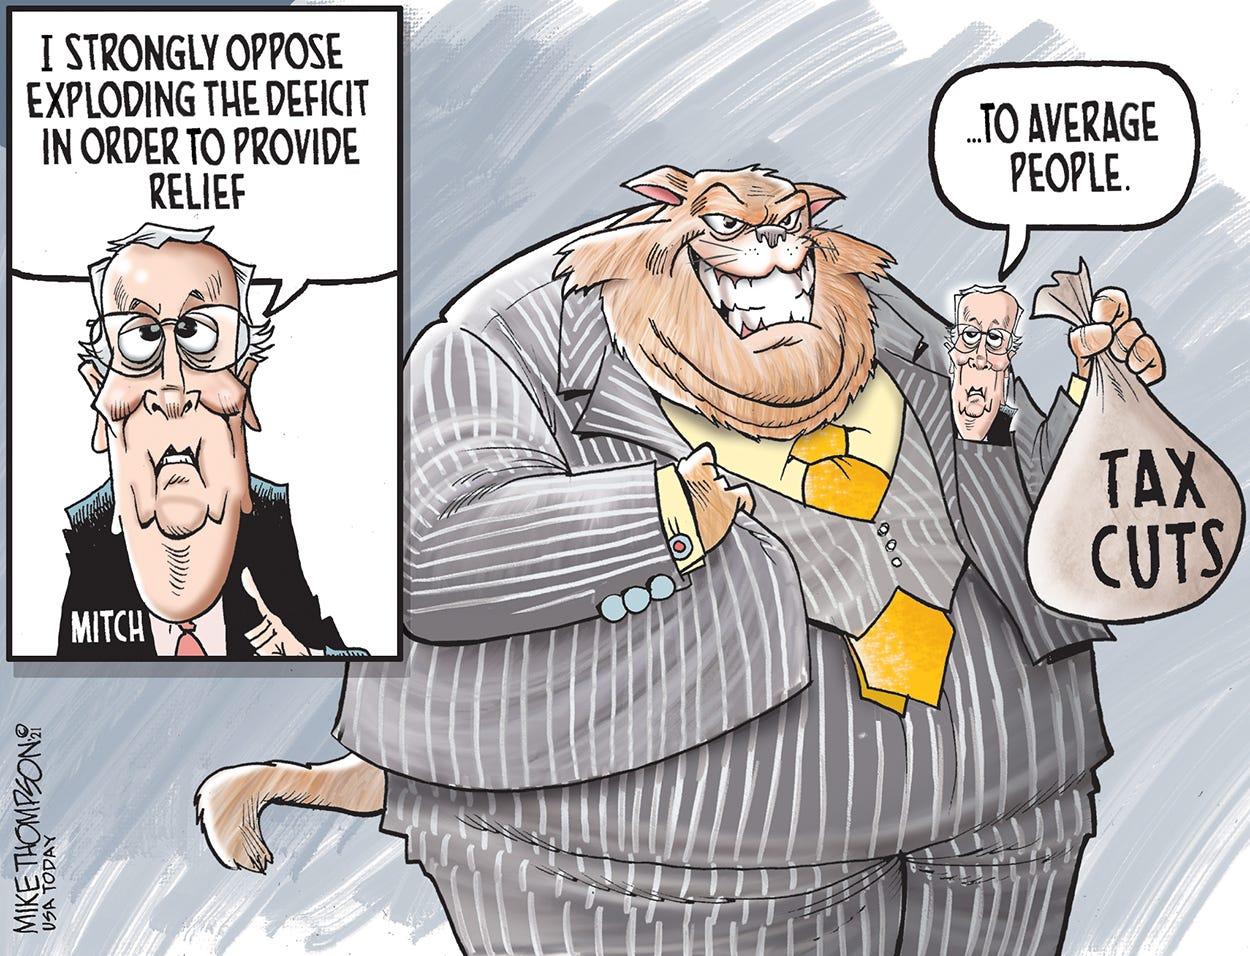 Political cartoons - the 'funny' pics thread.-0a1cf662-a94c-4c6f-97fd-44a34418e362-toon